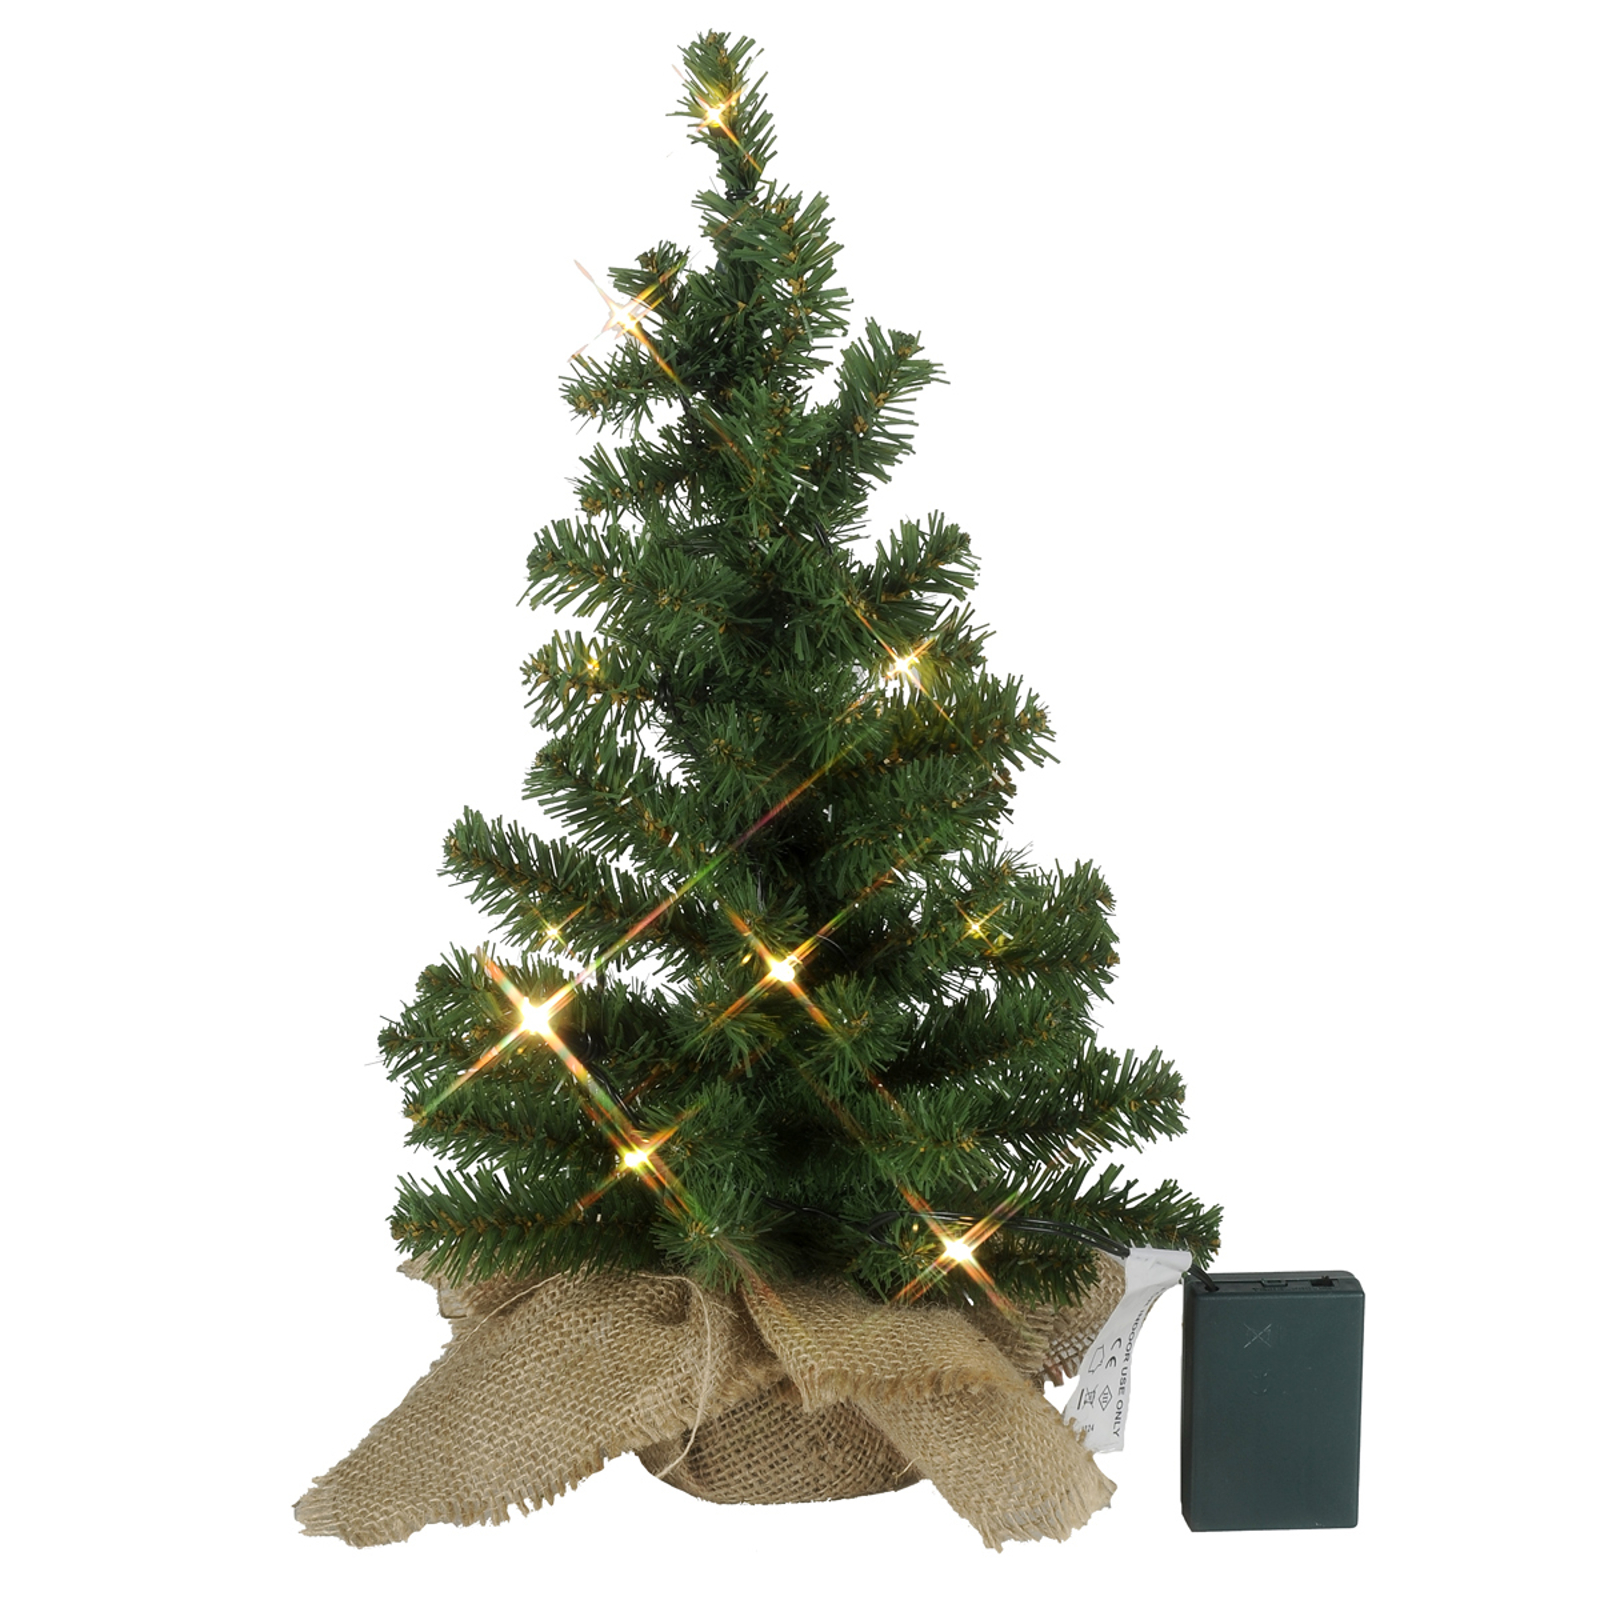 LED jedlička Tree v jutovom vreci_1522683_1